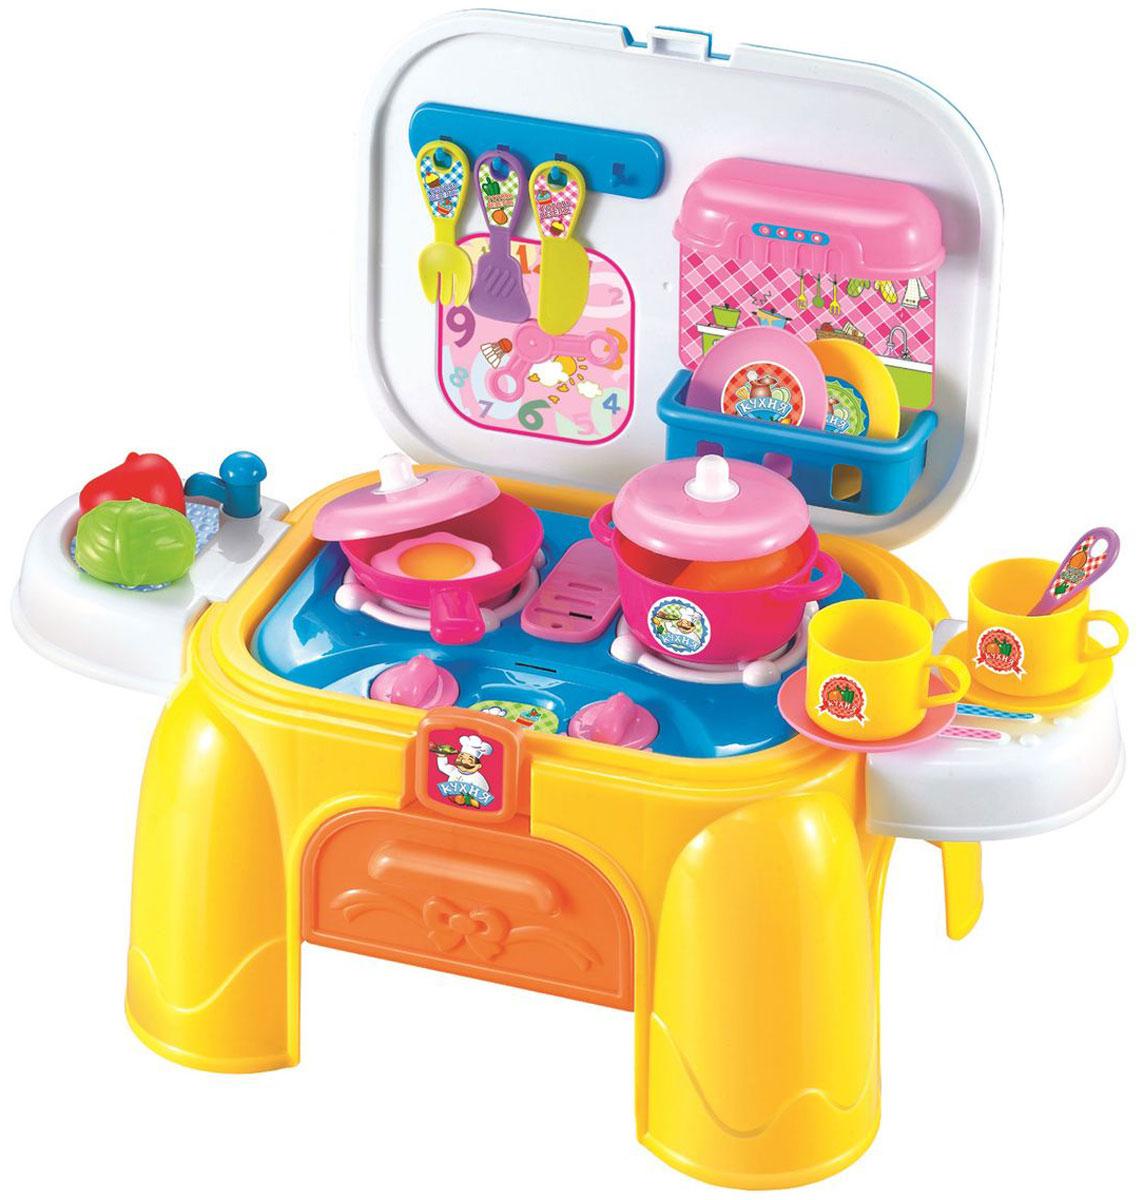 1TOY Игровой набор Профи Кухня 2 в 1 - Сюжетно-ролевые игрушки